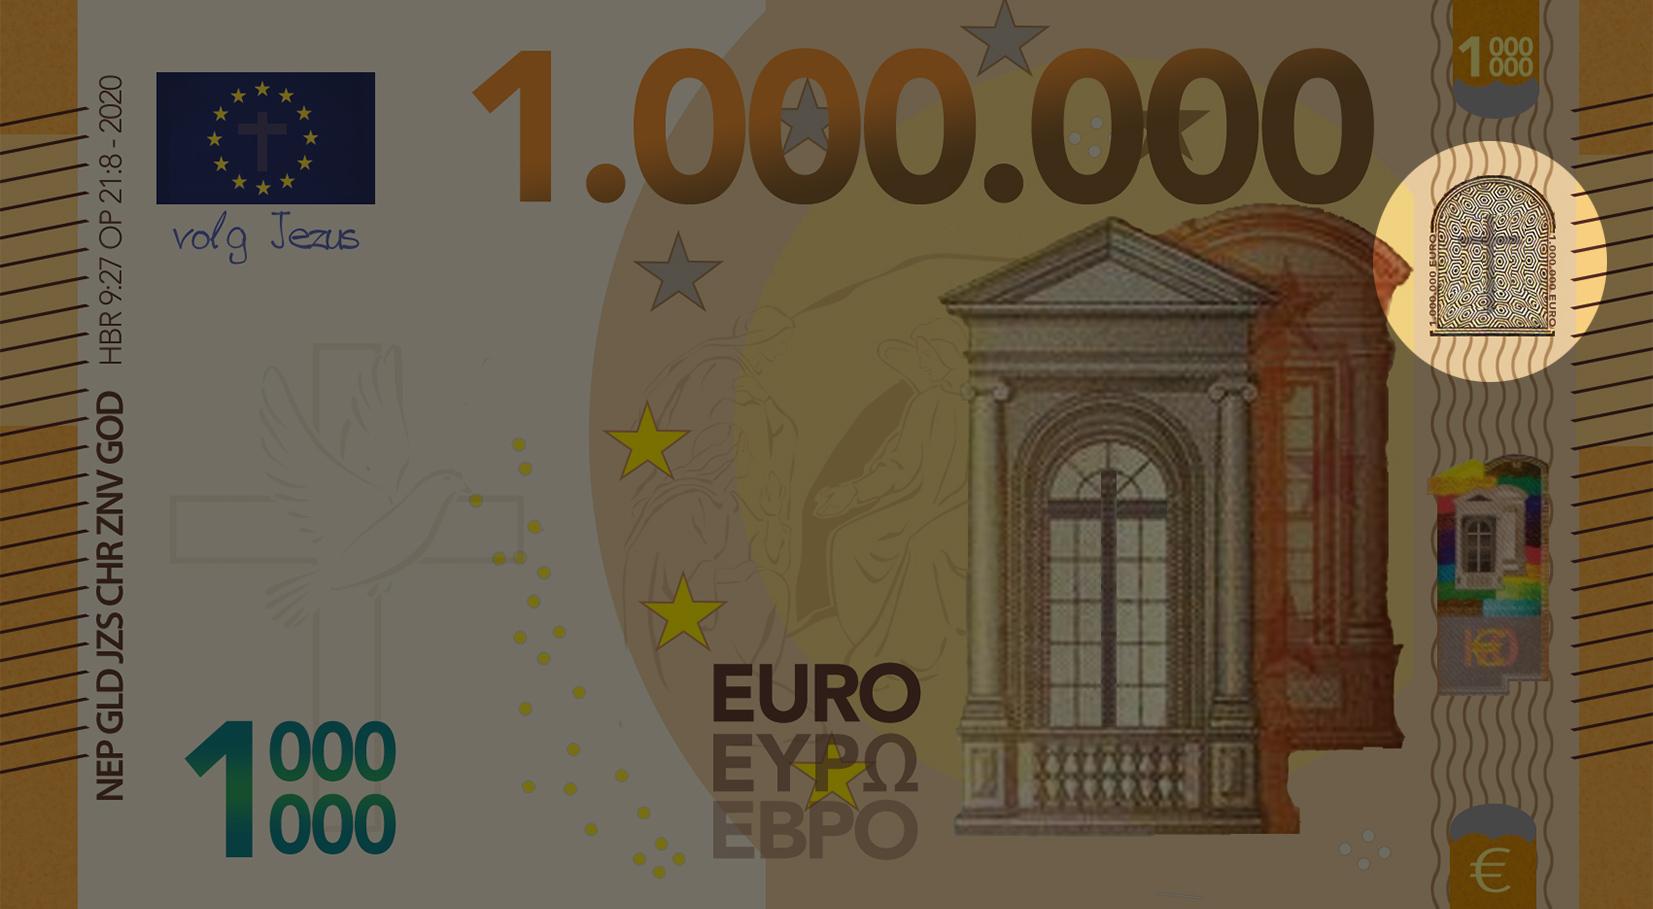 Miljoen Euro Biljet - 2020 voorkant rechts uitgelicht - evangelisatie-materiaal.nl